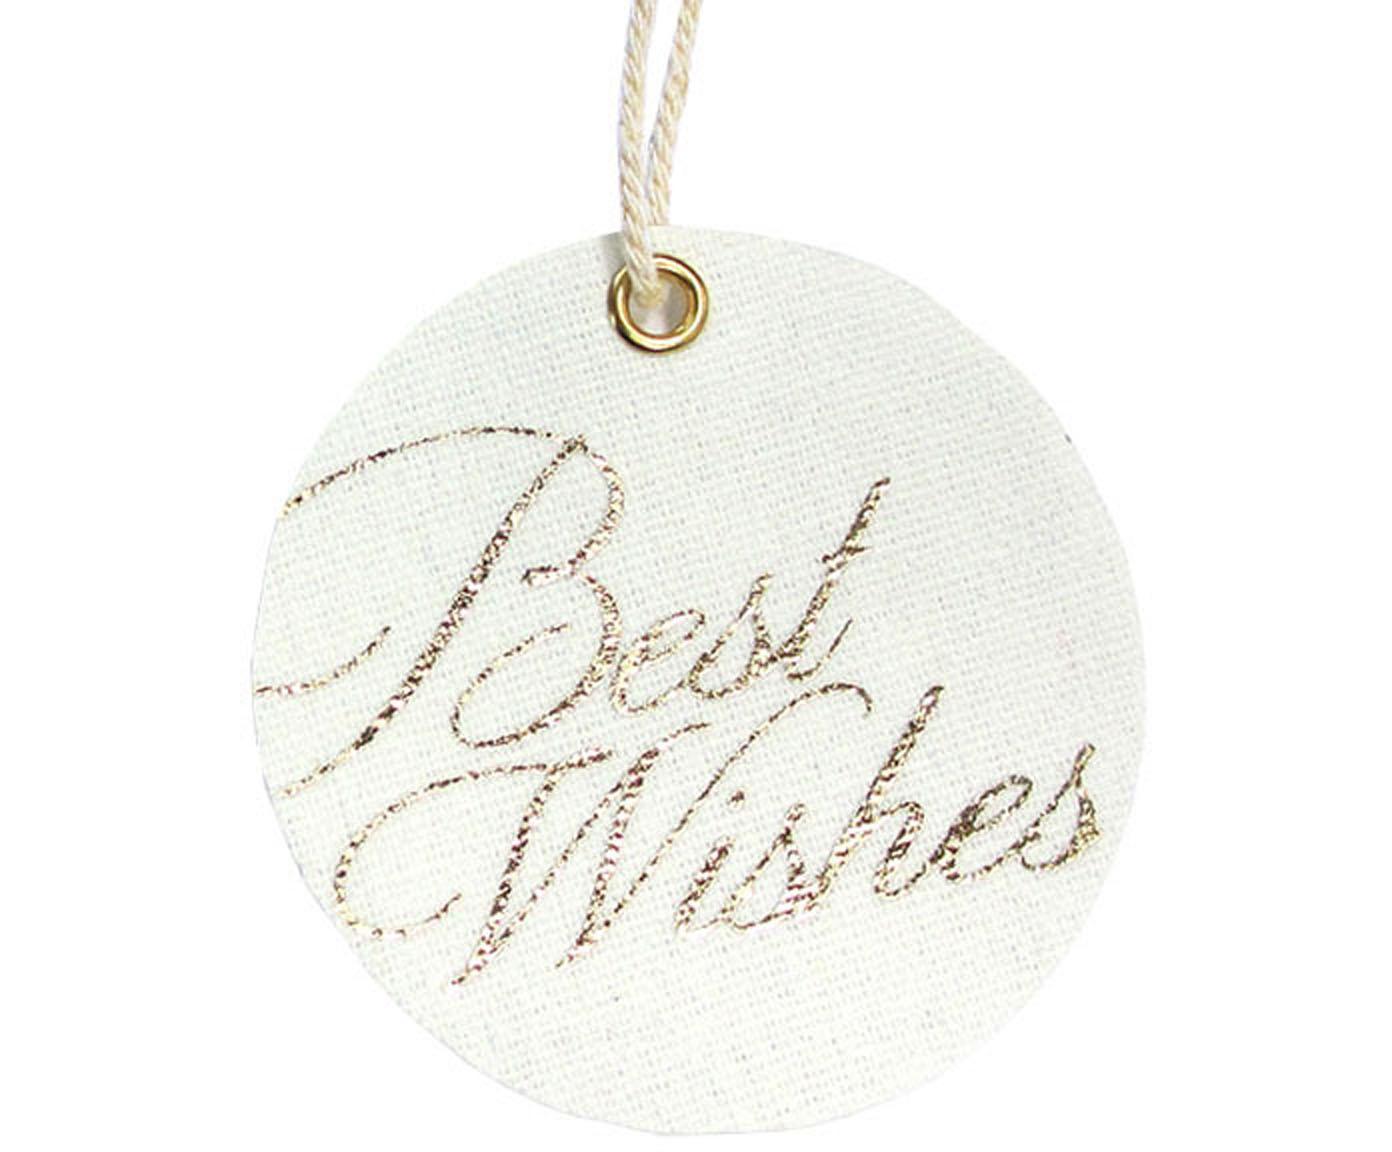 Komplet etykietek na prezent Best Wishes, 6 elem., 60% bawełna, 40% poliester, Biały, złoty, Ø 6 x W 6 cm